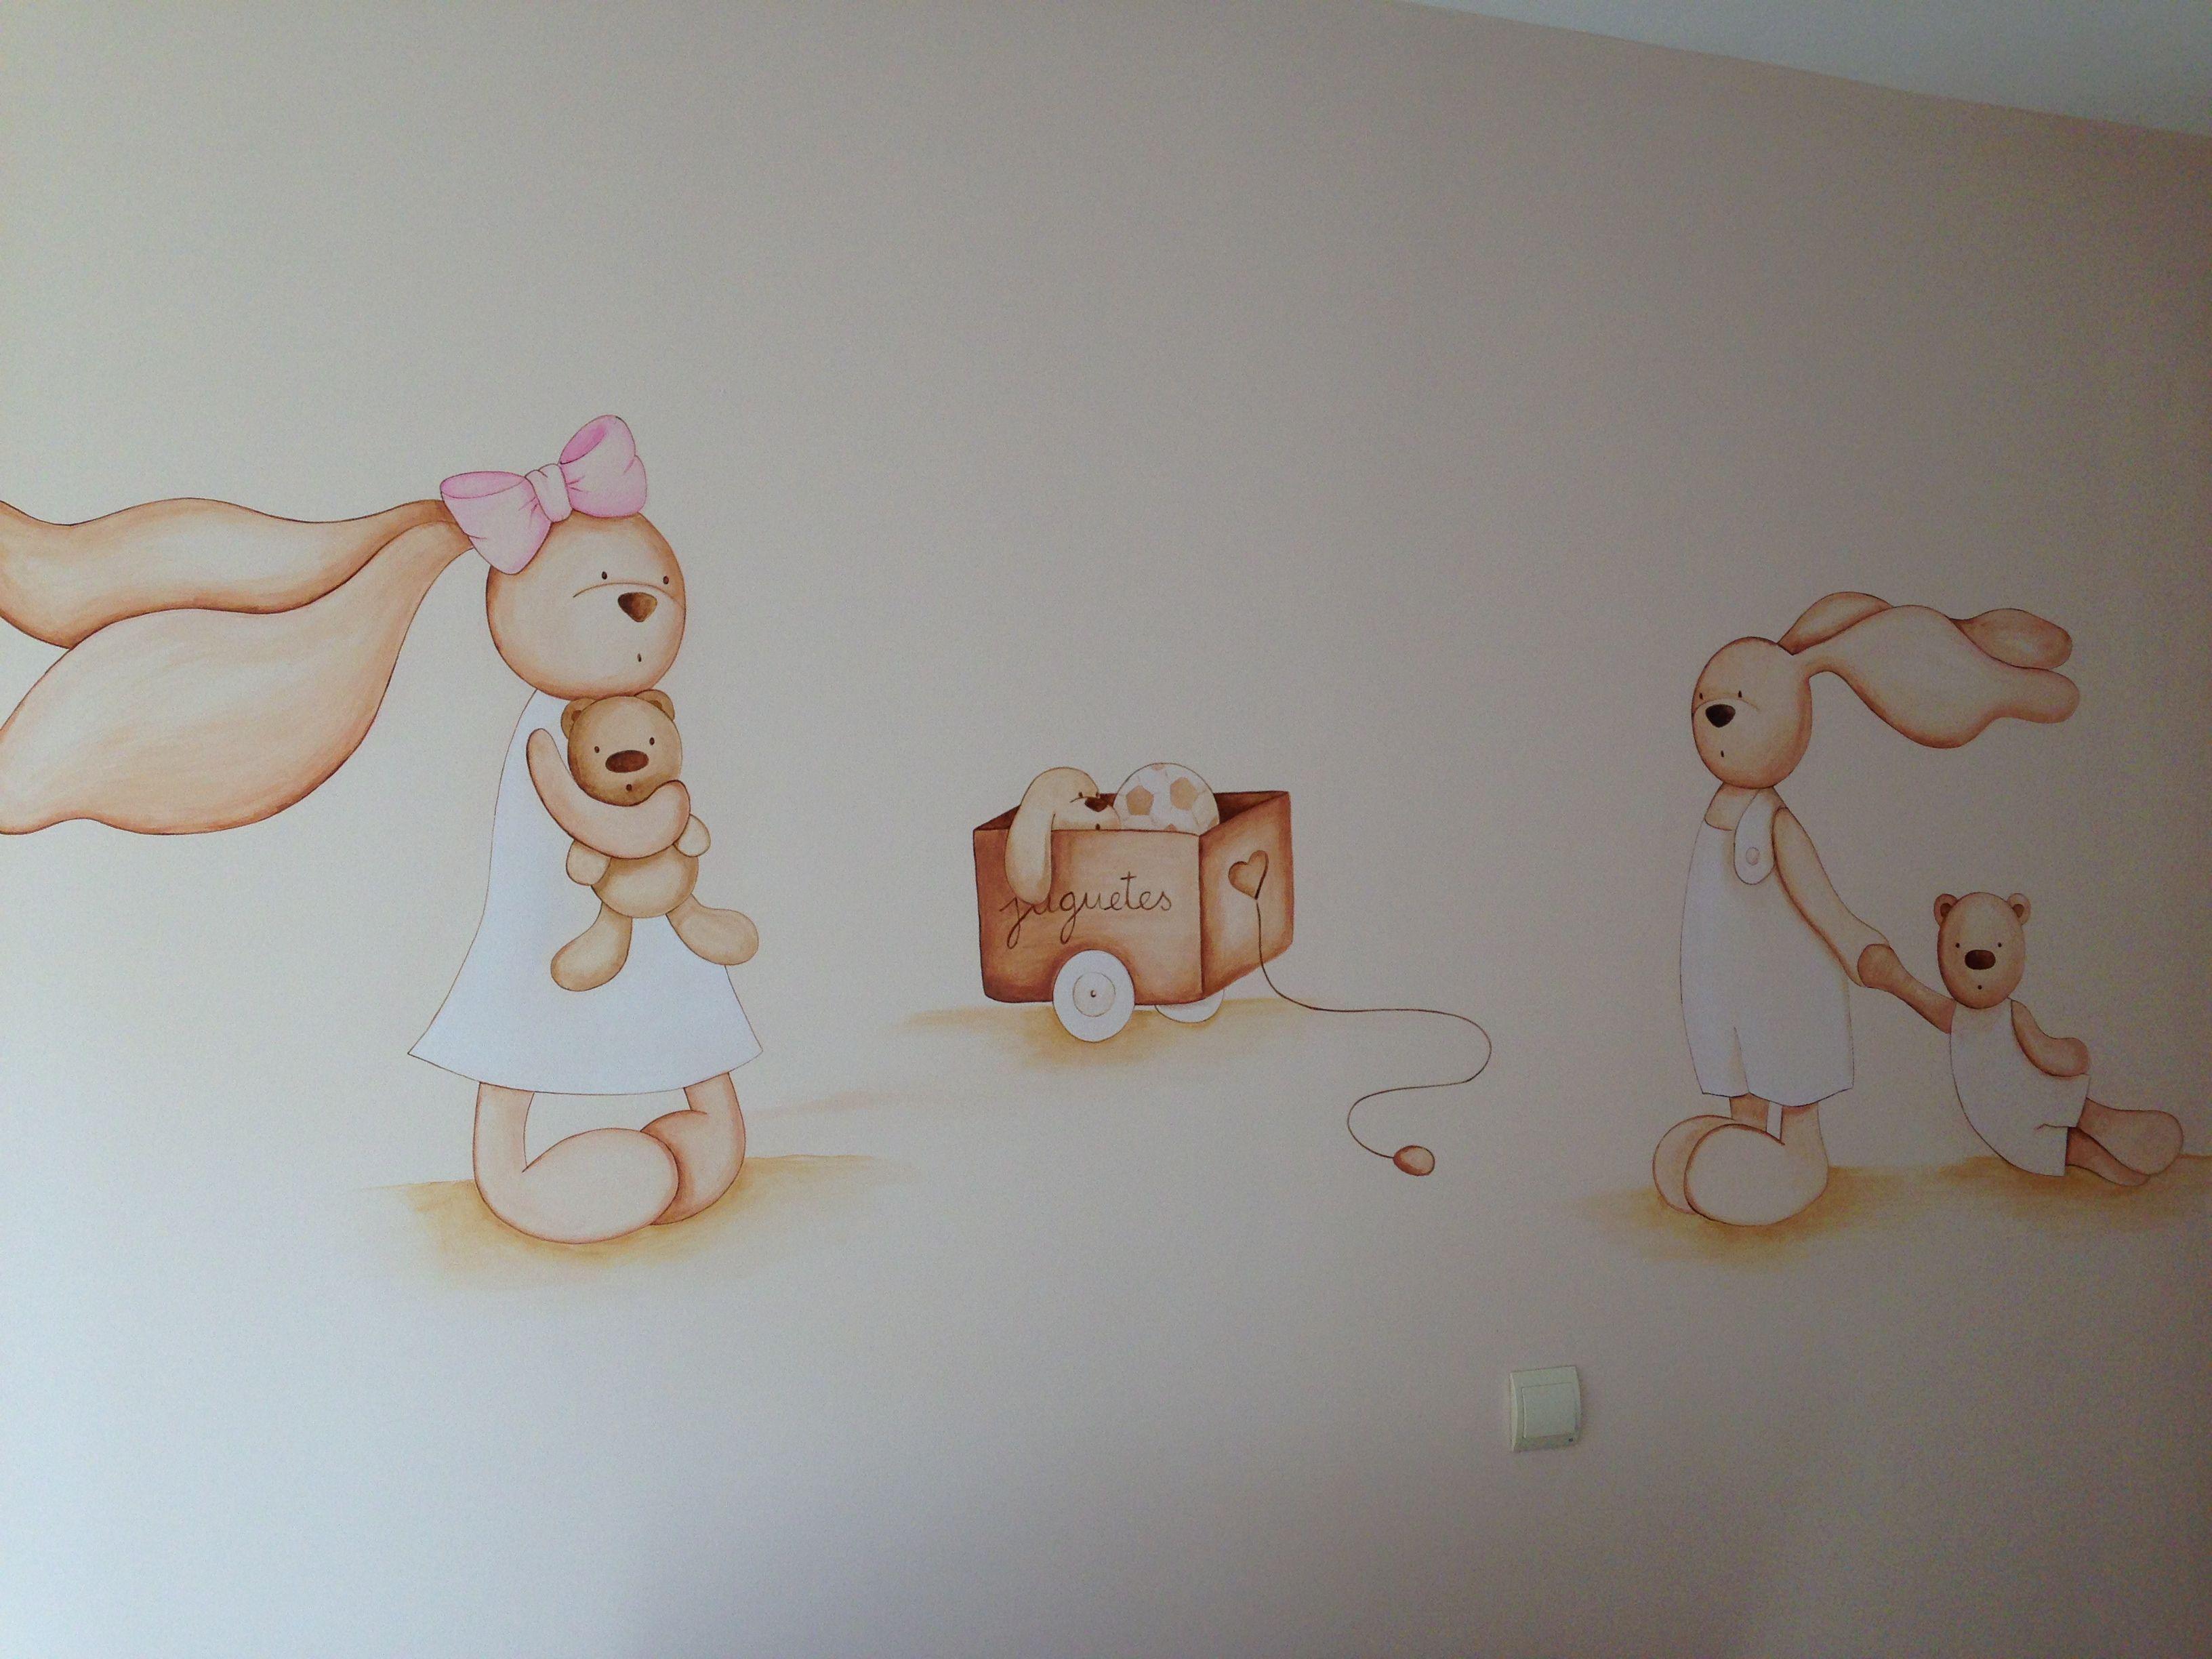 Habitaciones de bebe unicas | Murales pintados | Pinterest | Único ...